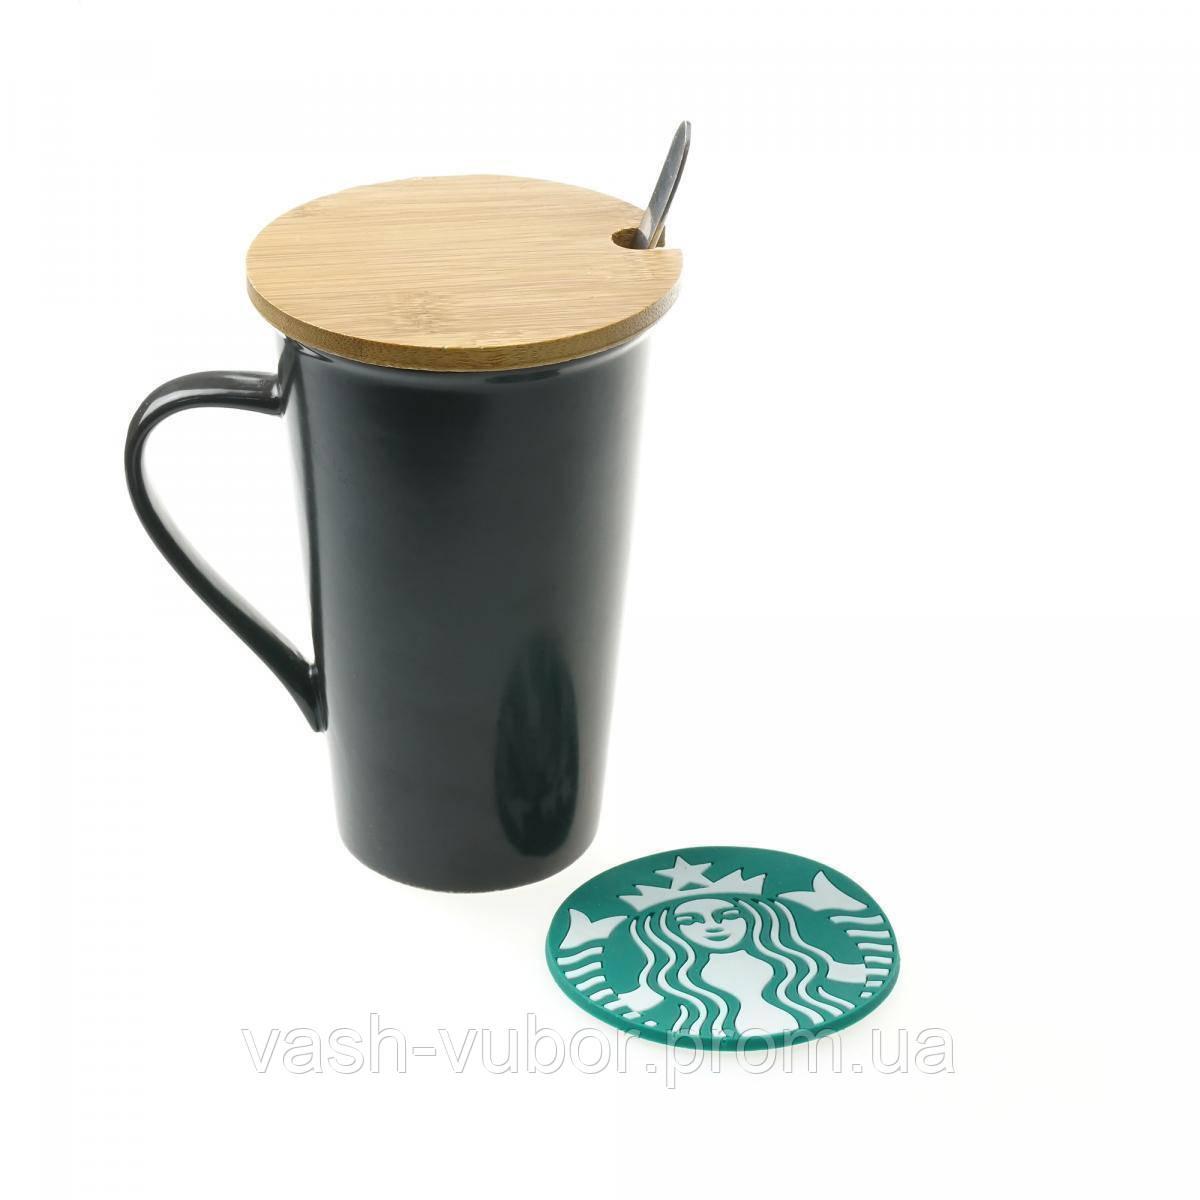 🔝 Набор Starbucks Memo: керамическая чашка 350 мл Черная, крышка, ложка, подставка, маркер | 🎁%🚚